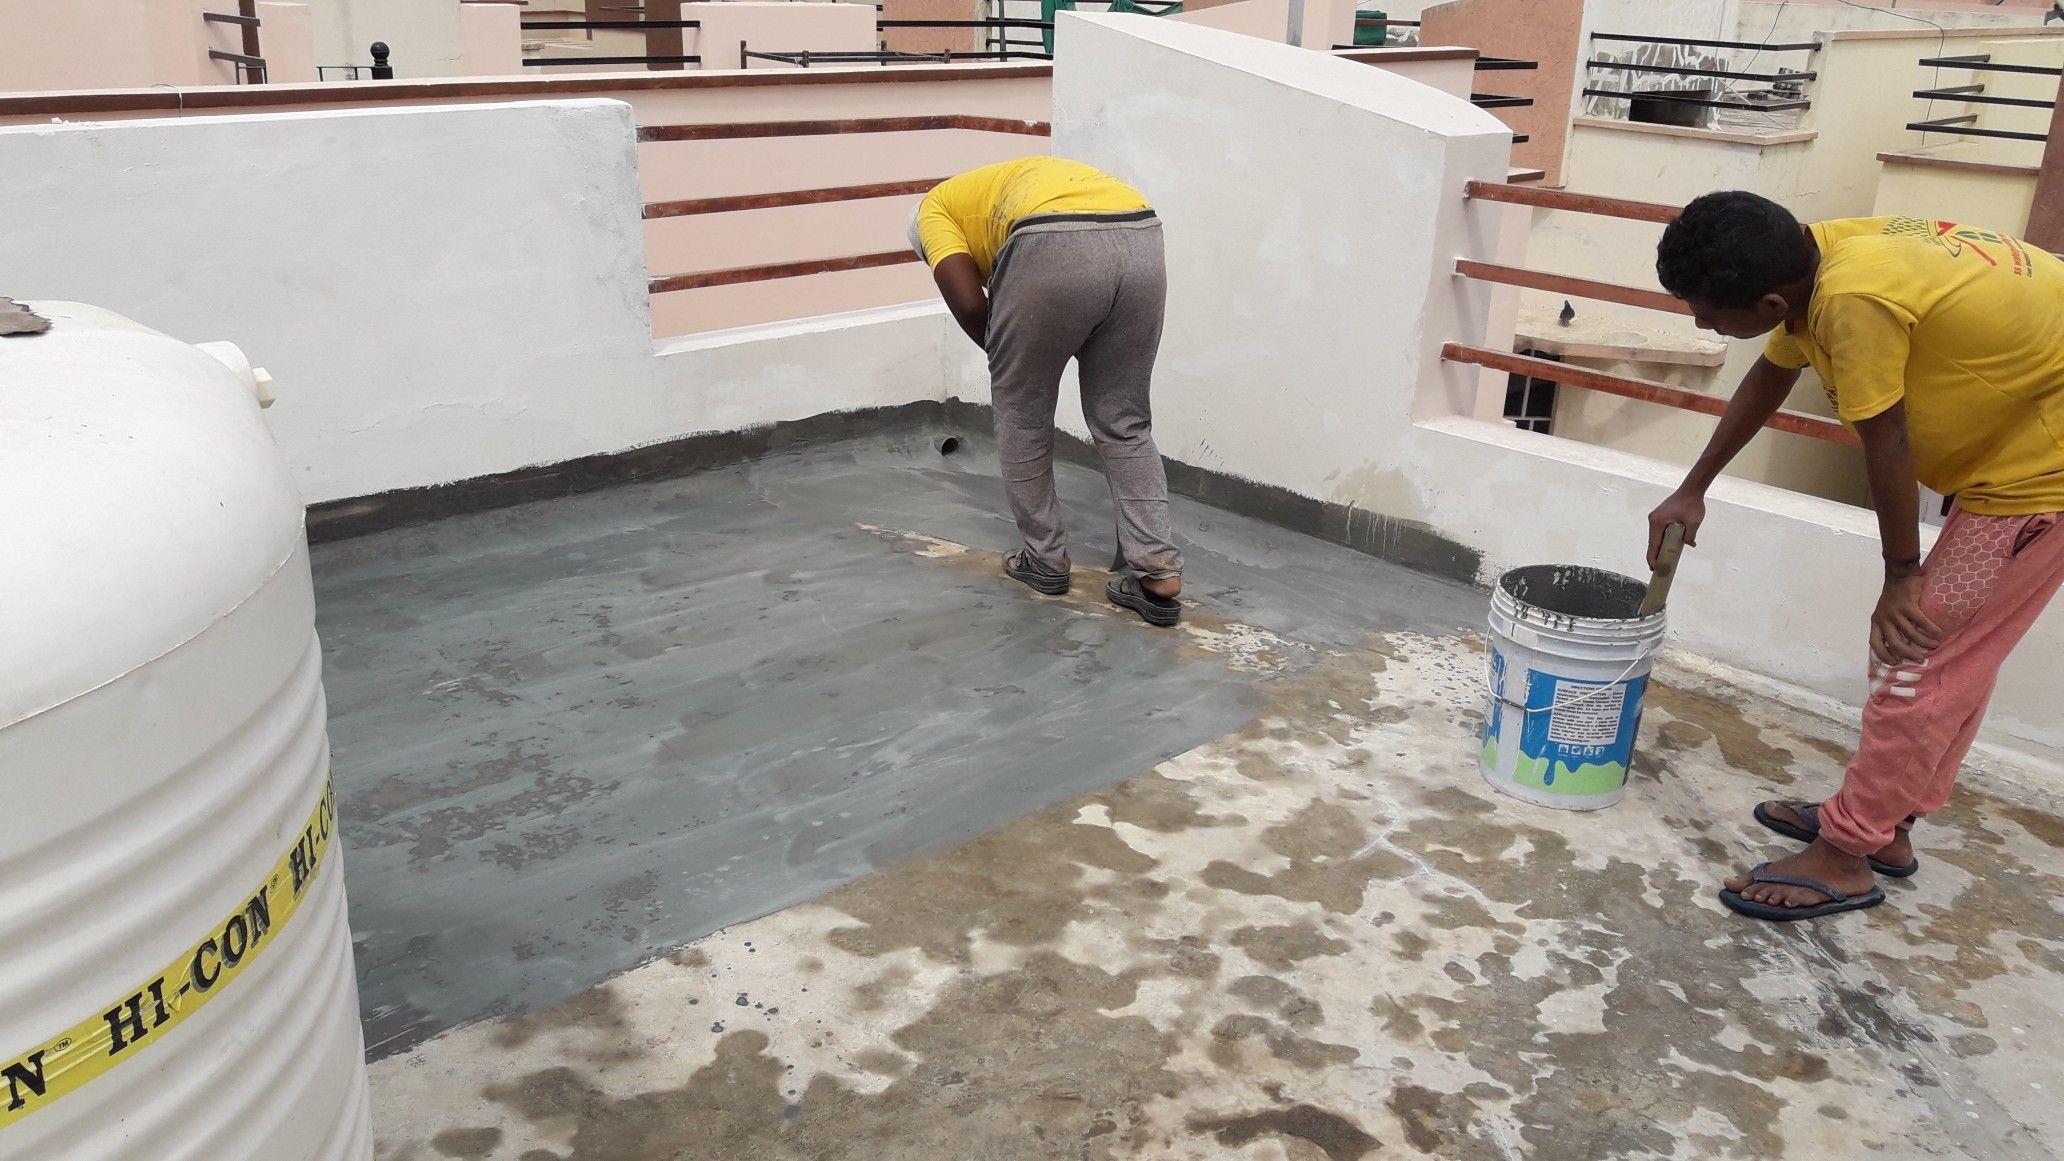 Waterproofing Contractors Https Www Sswaterproofing In Ph 9948506875 Terrace Waterproofing Water Tanks Waterpro Roof Waterproofing Old Building Water Tank